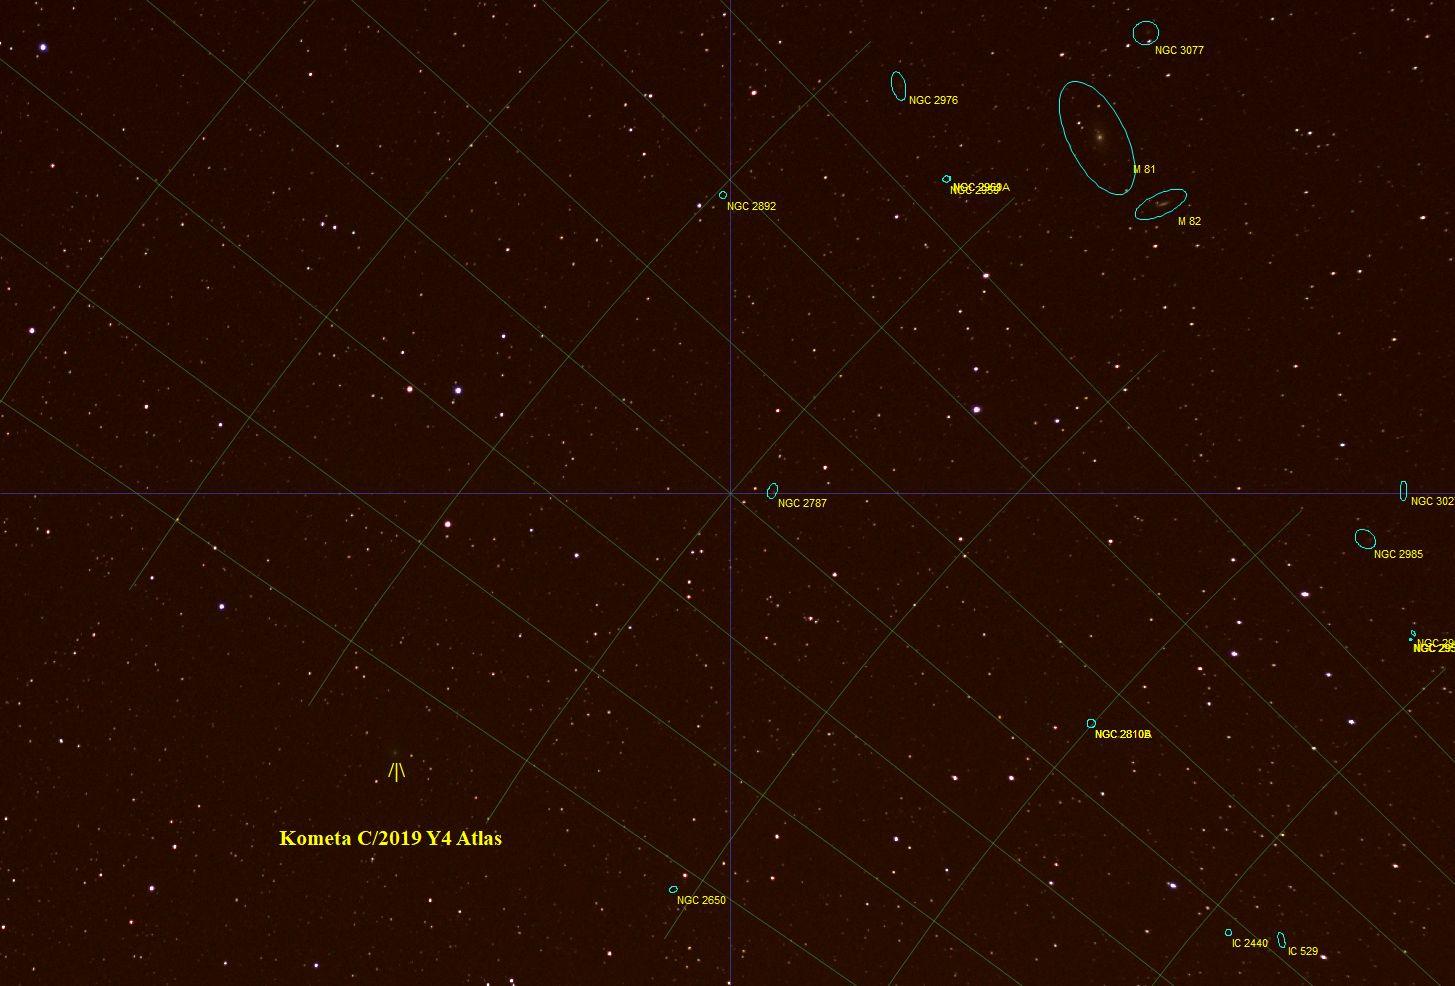 Kometa_-2-opis.jpg.ec1604b37acbee1cde859272df6f9202.jpg